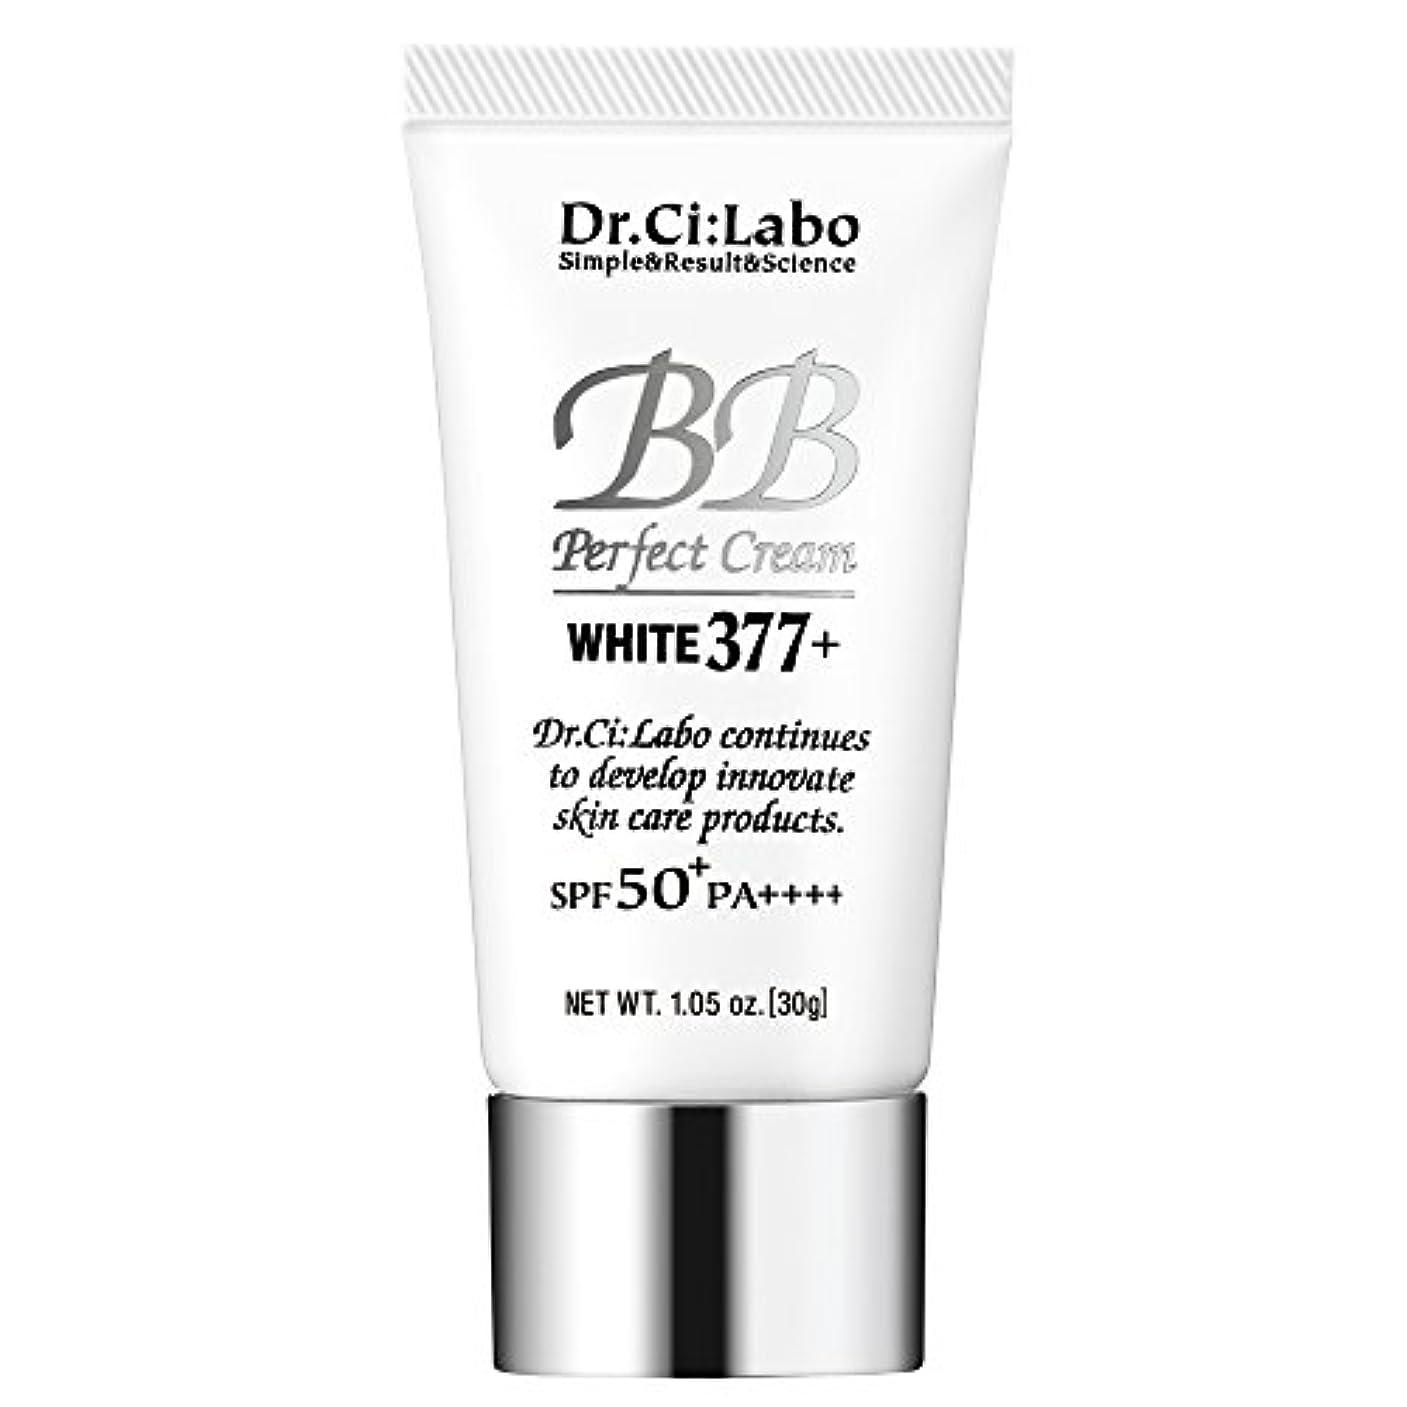 共感する極めて重要な平行ドクターシーラボ BBパーフェクトクリーム ホワイト377+ 30g 多機能ファンデーション 化粧下地